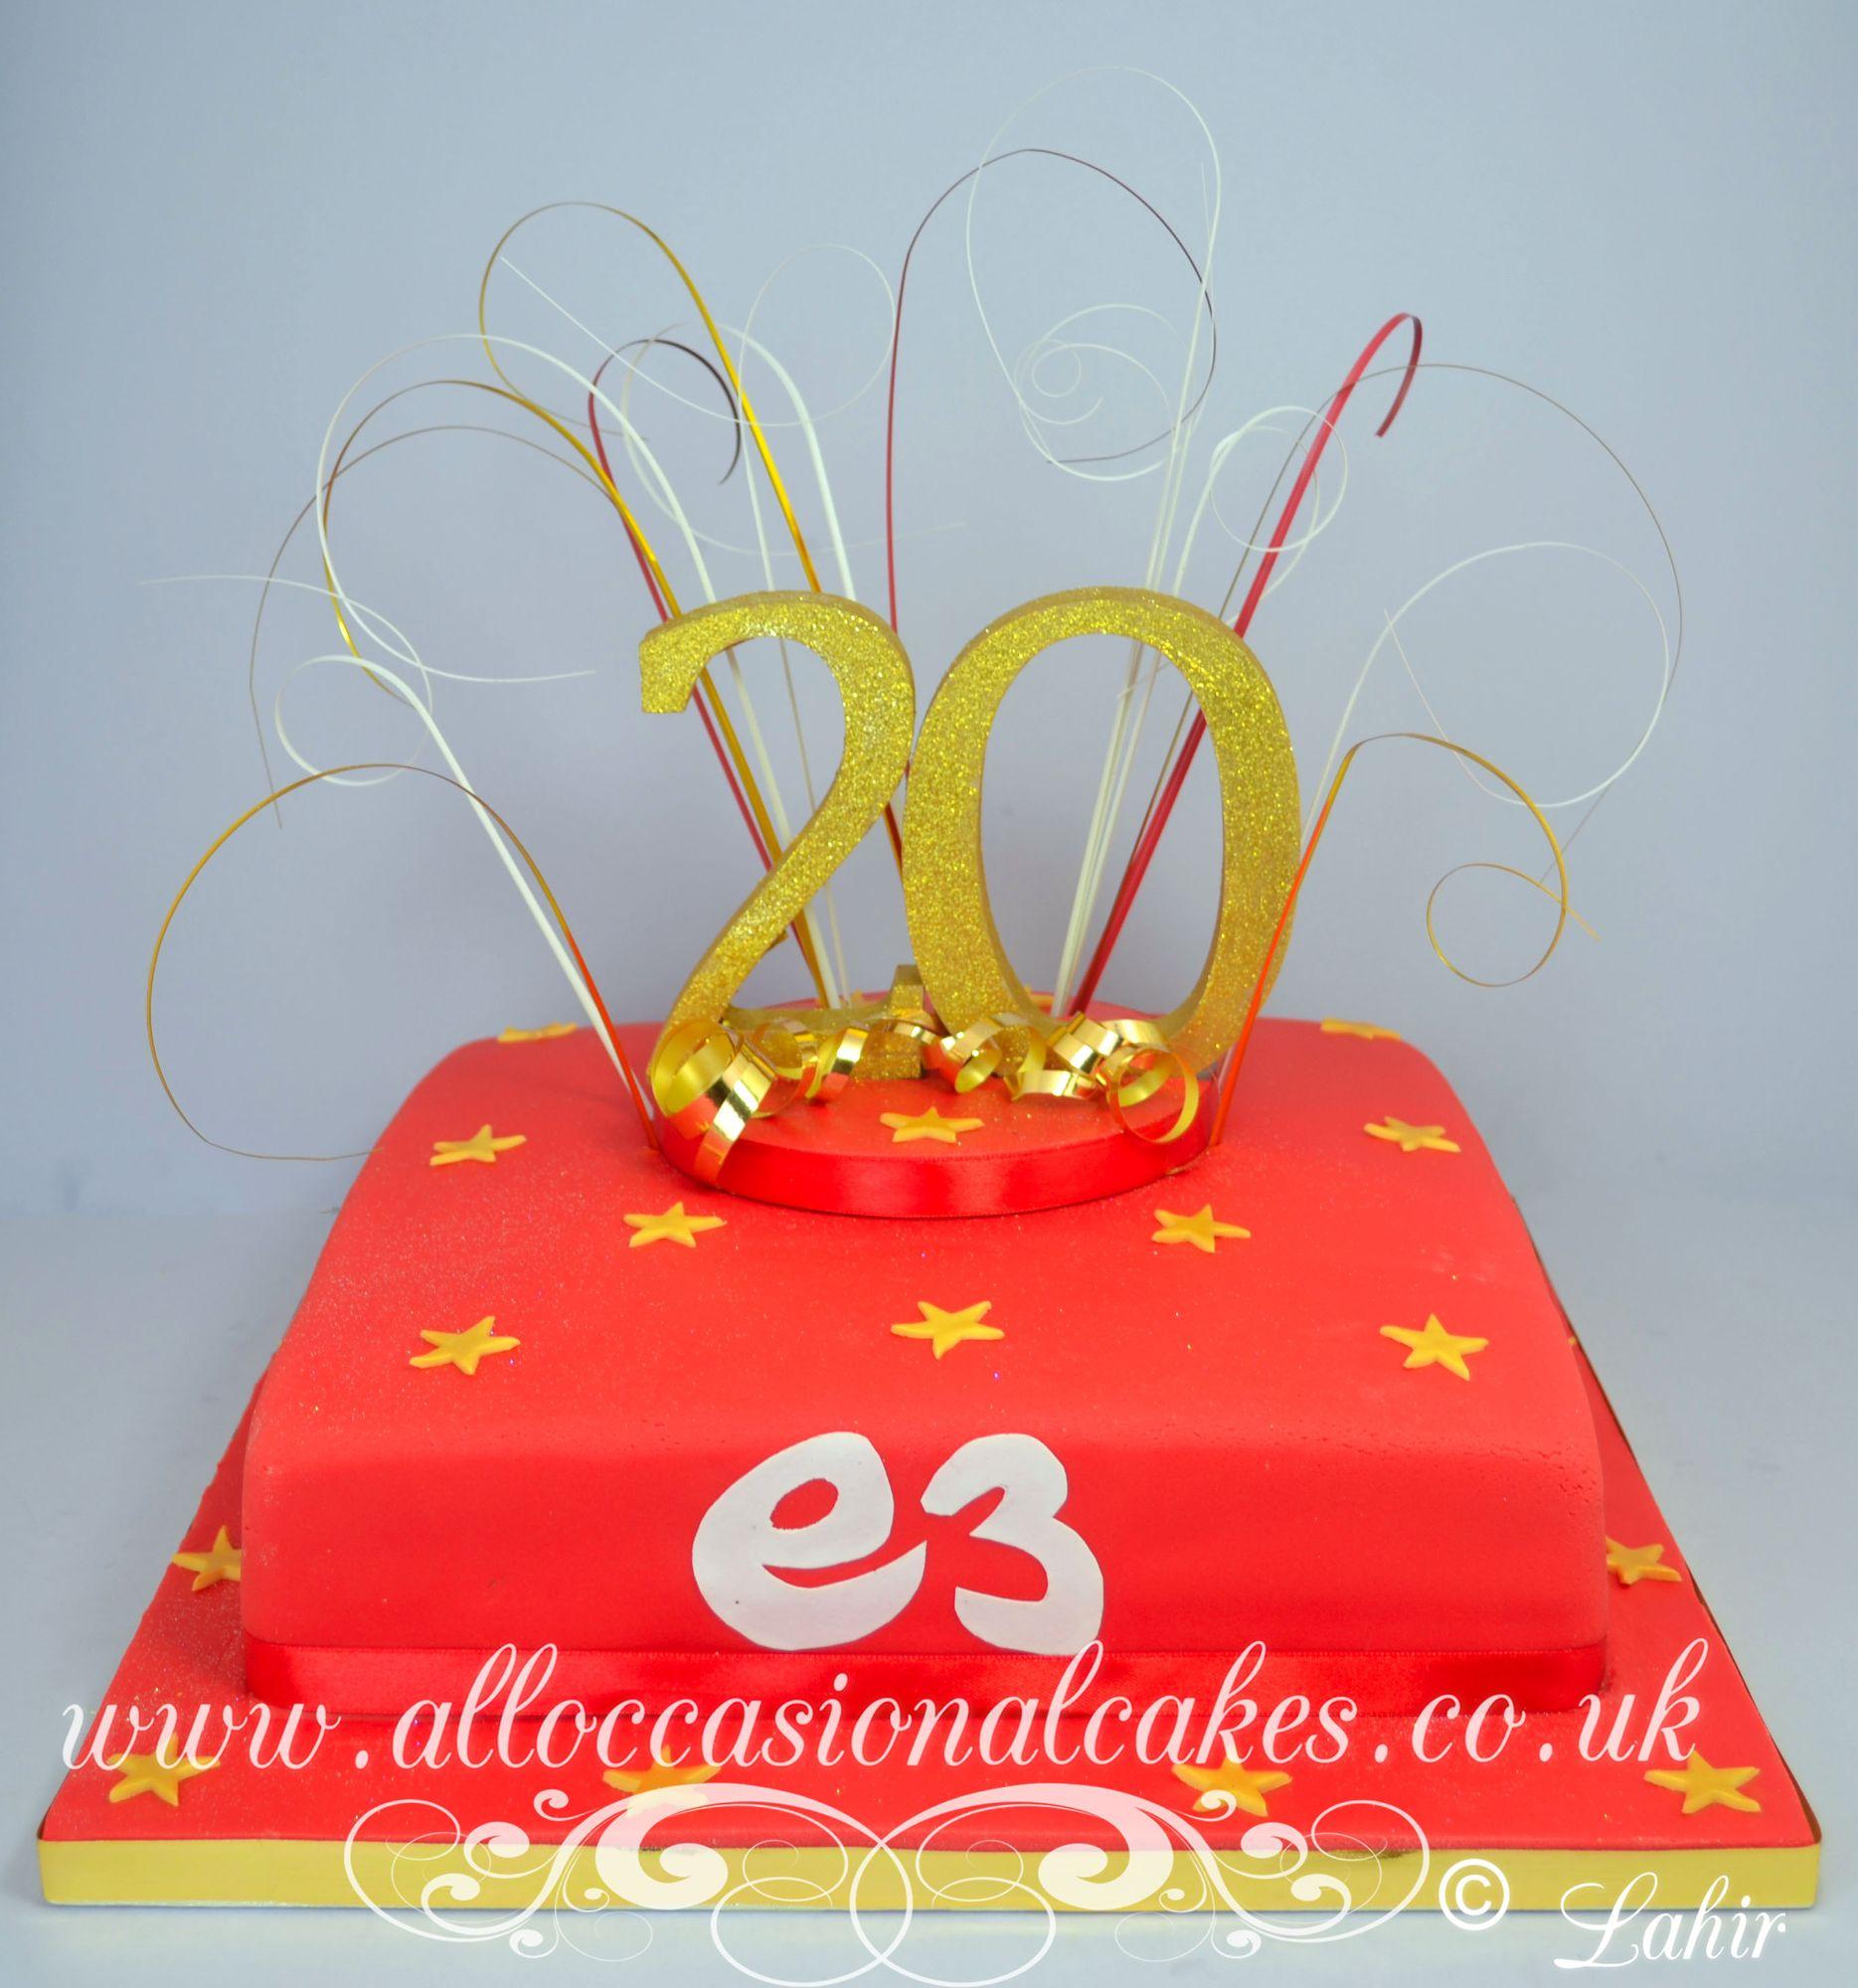 3 media company cake